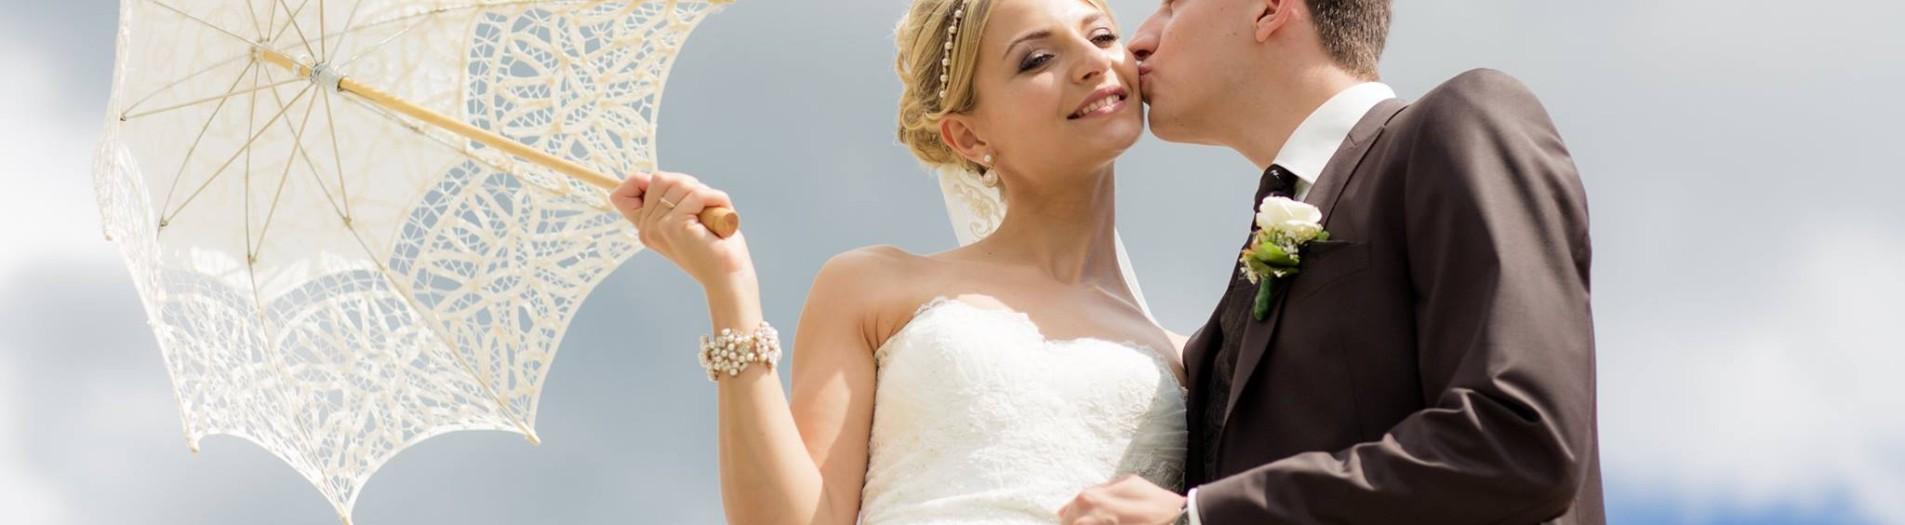 Hochzeitsfotografie und Hochzeitsvideo in Böblingen